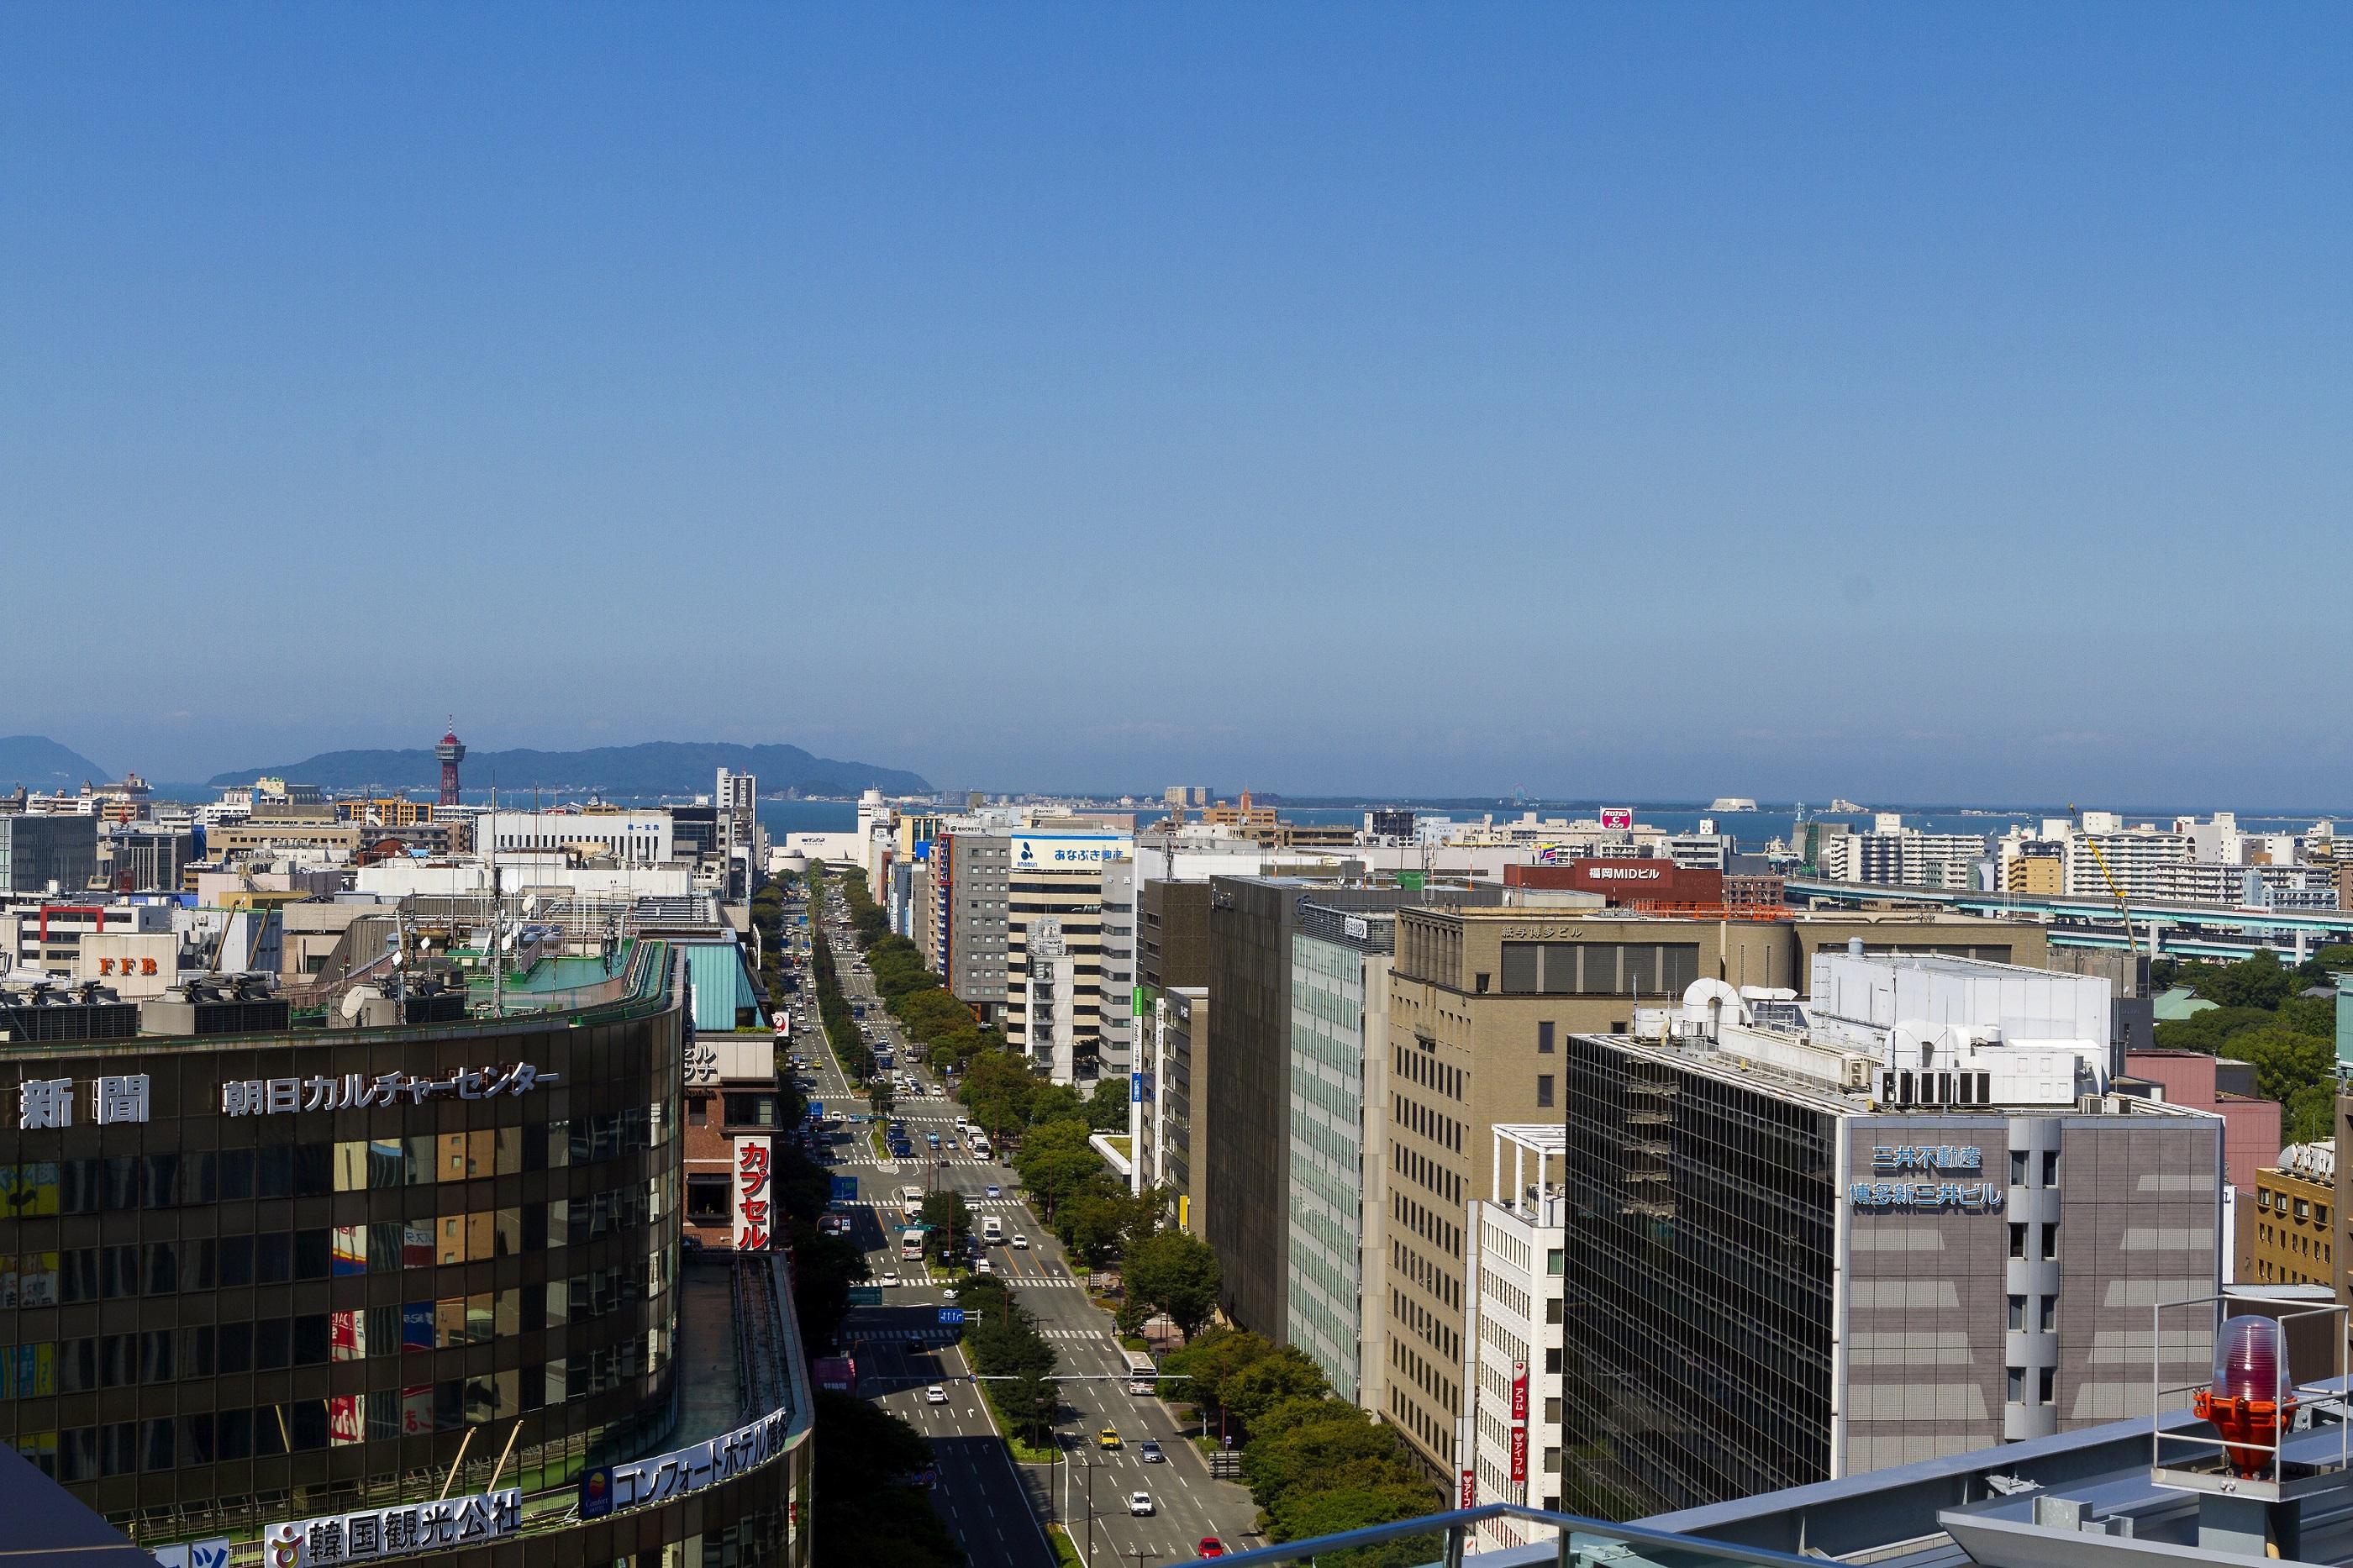 大博通り(2014)の画像